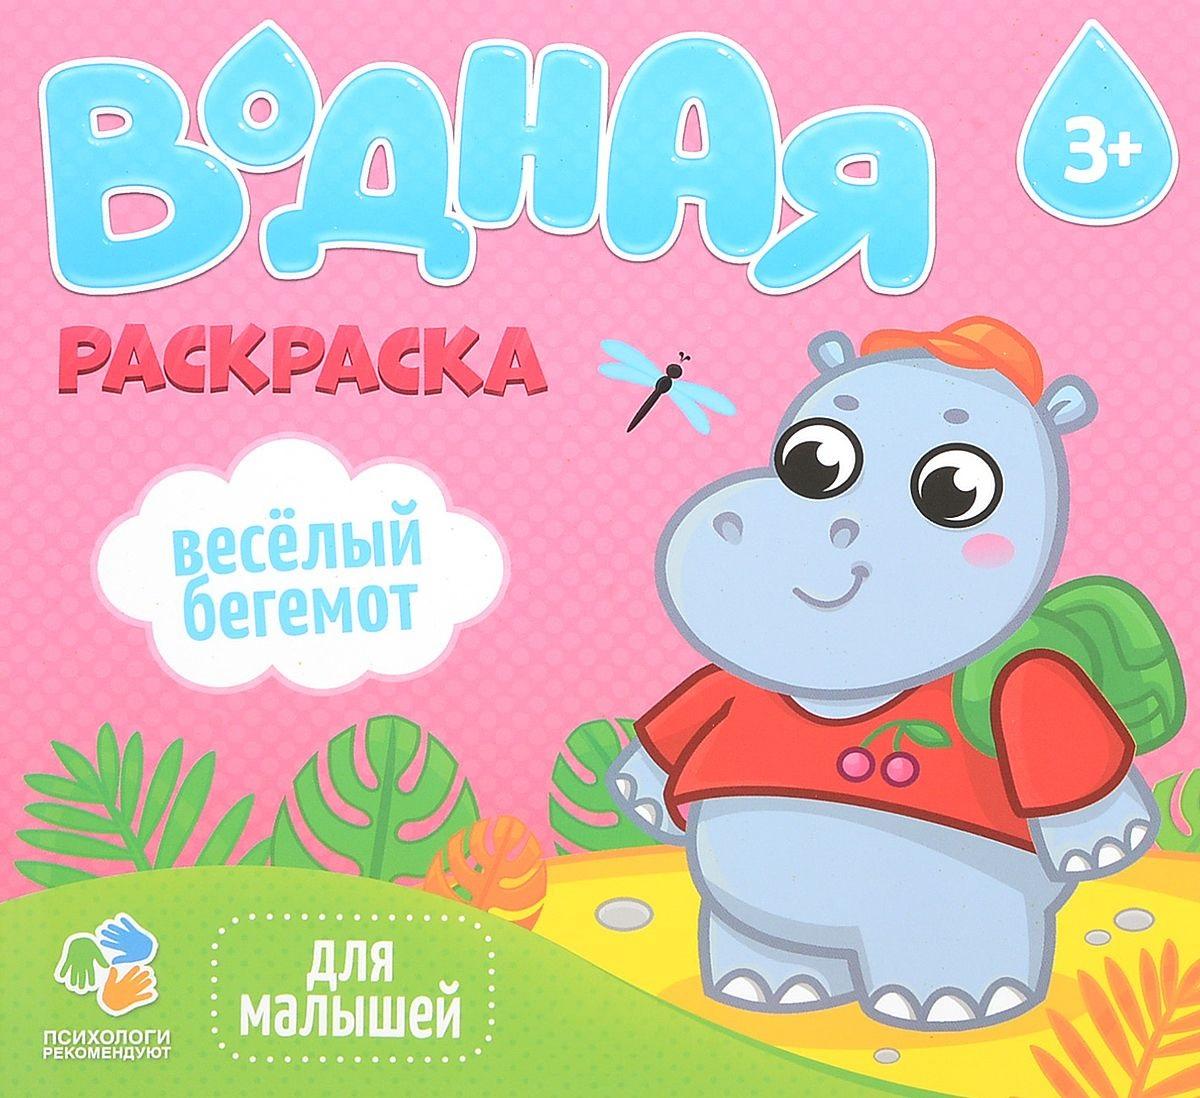 Фото - Водная раскраска для малышей. Веселый бегемот водная раскраска для малышей веселый гепард